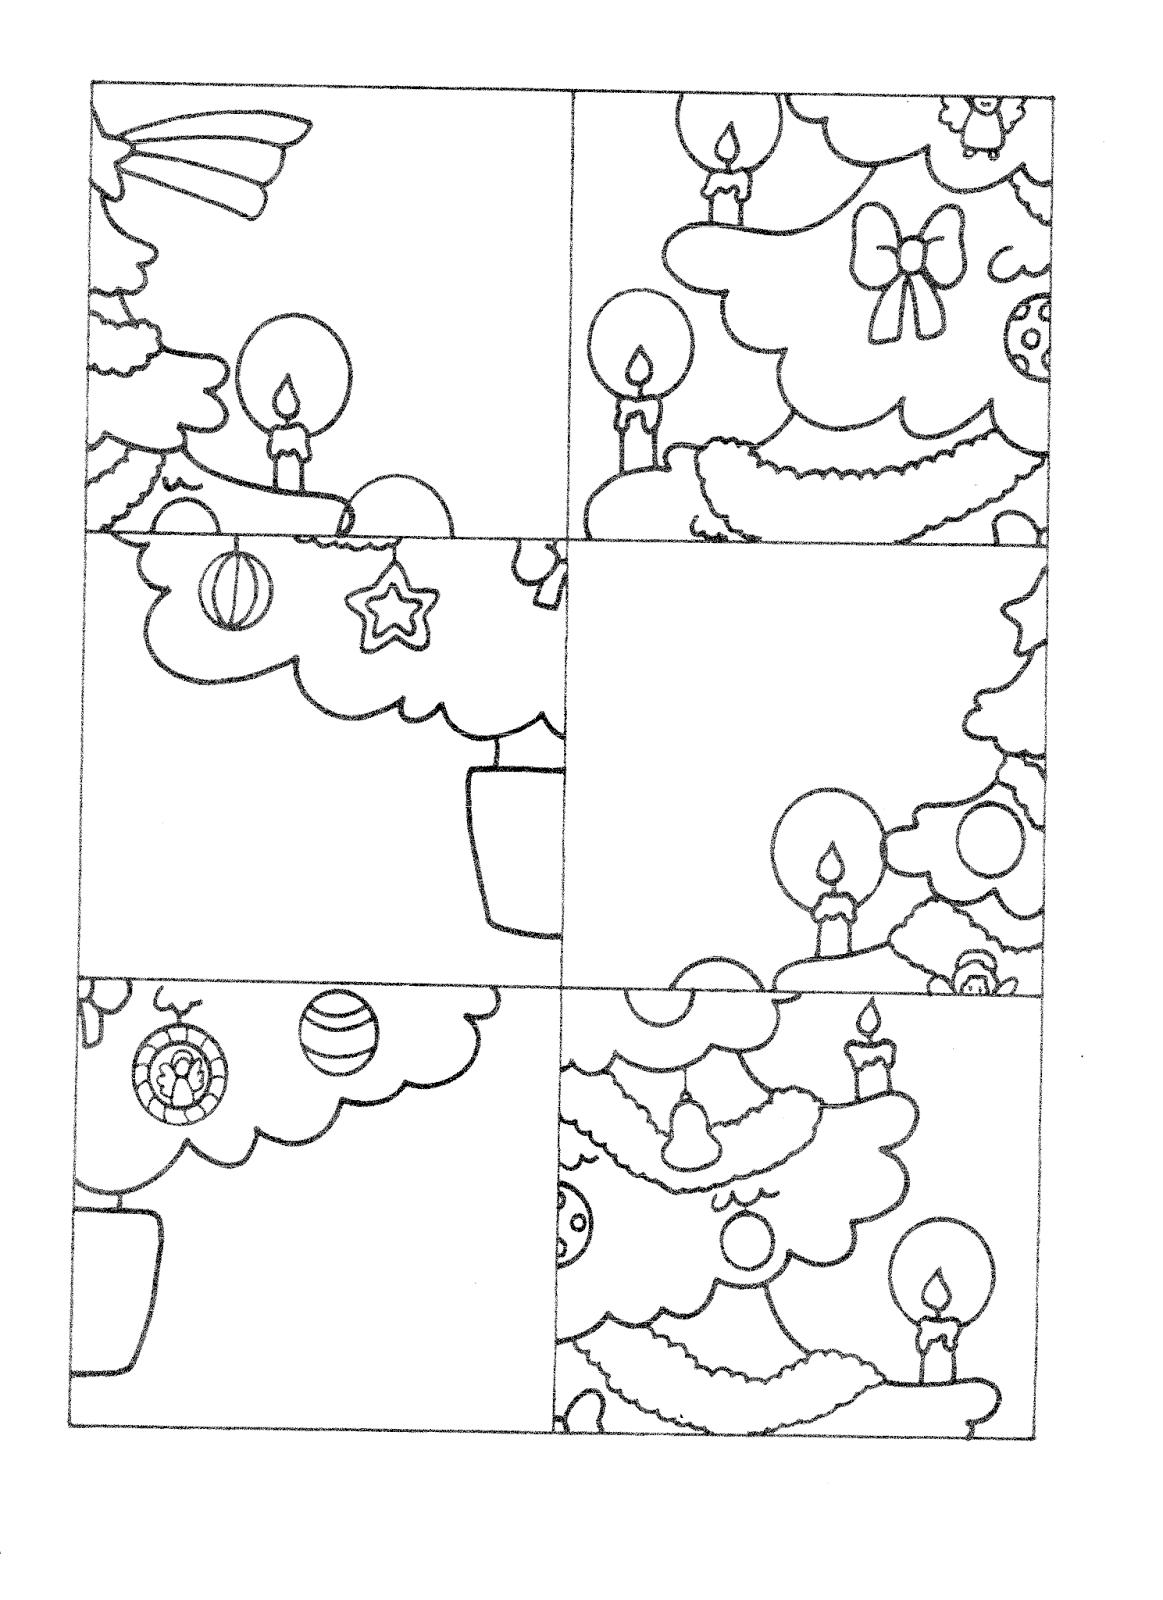 La maestra linda schede natale da colorare l 39 albero for Schede didattiche natale scuola dell infanzia